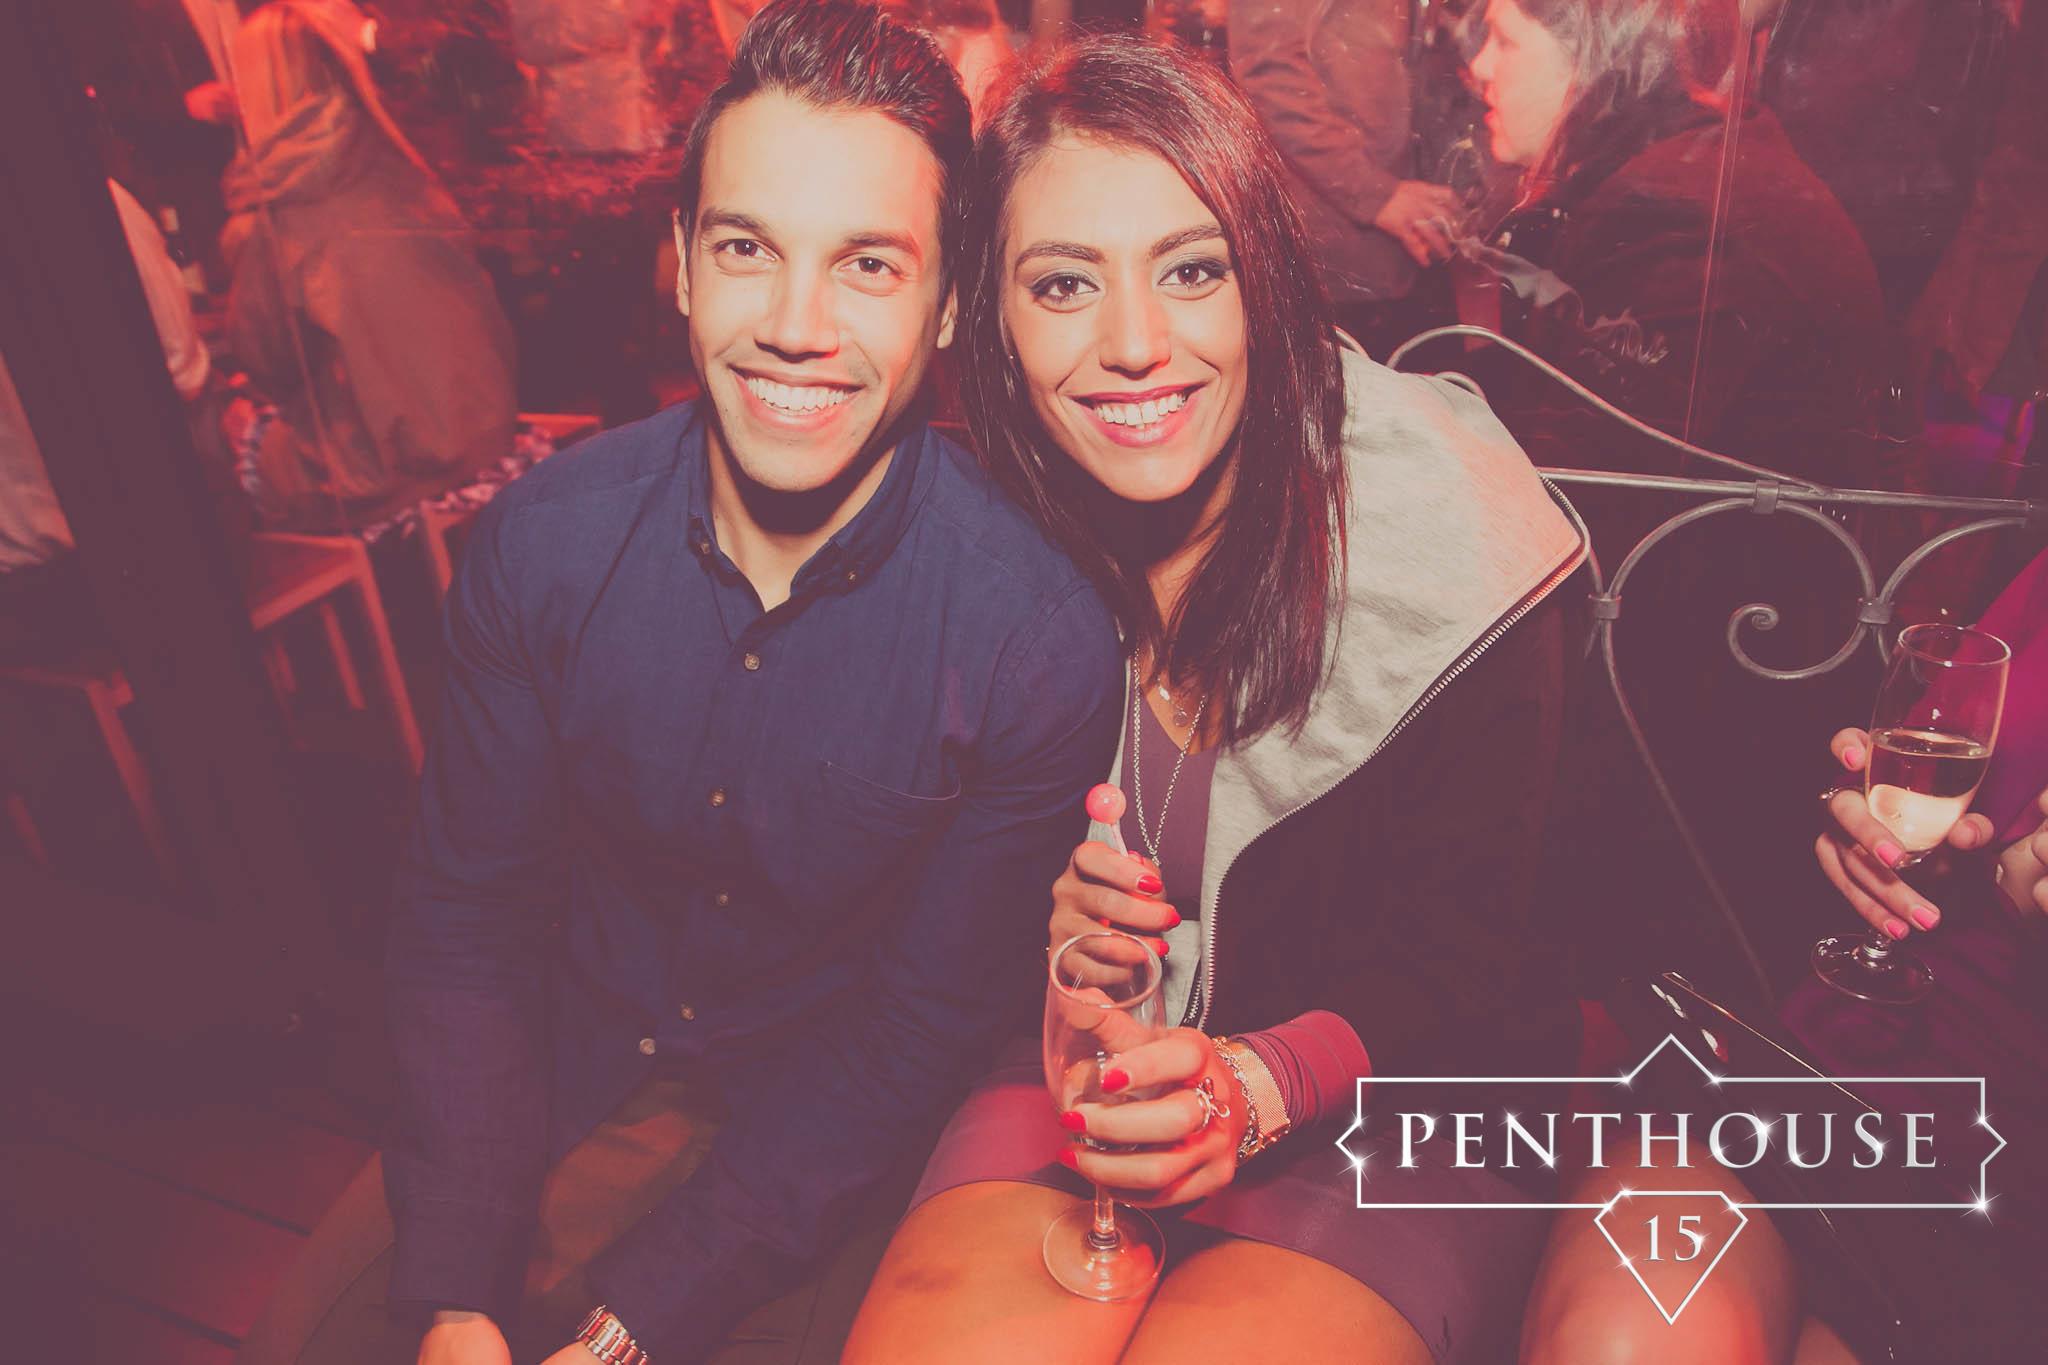 Penthouse_cream_0142.jpg